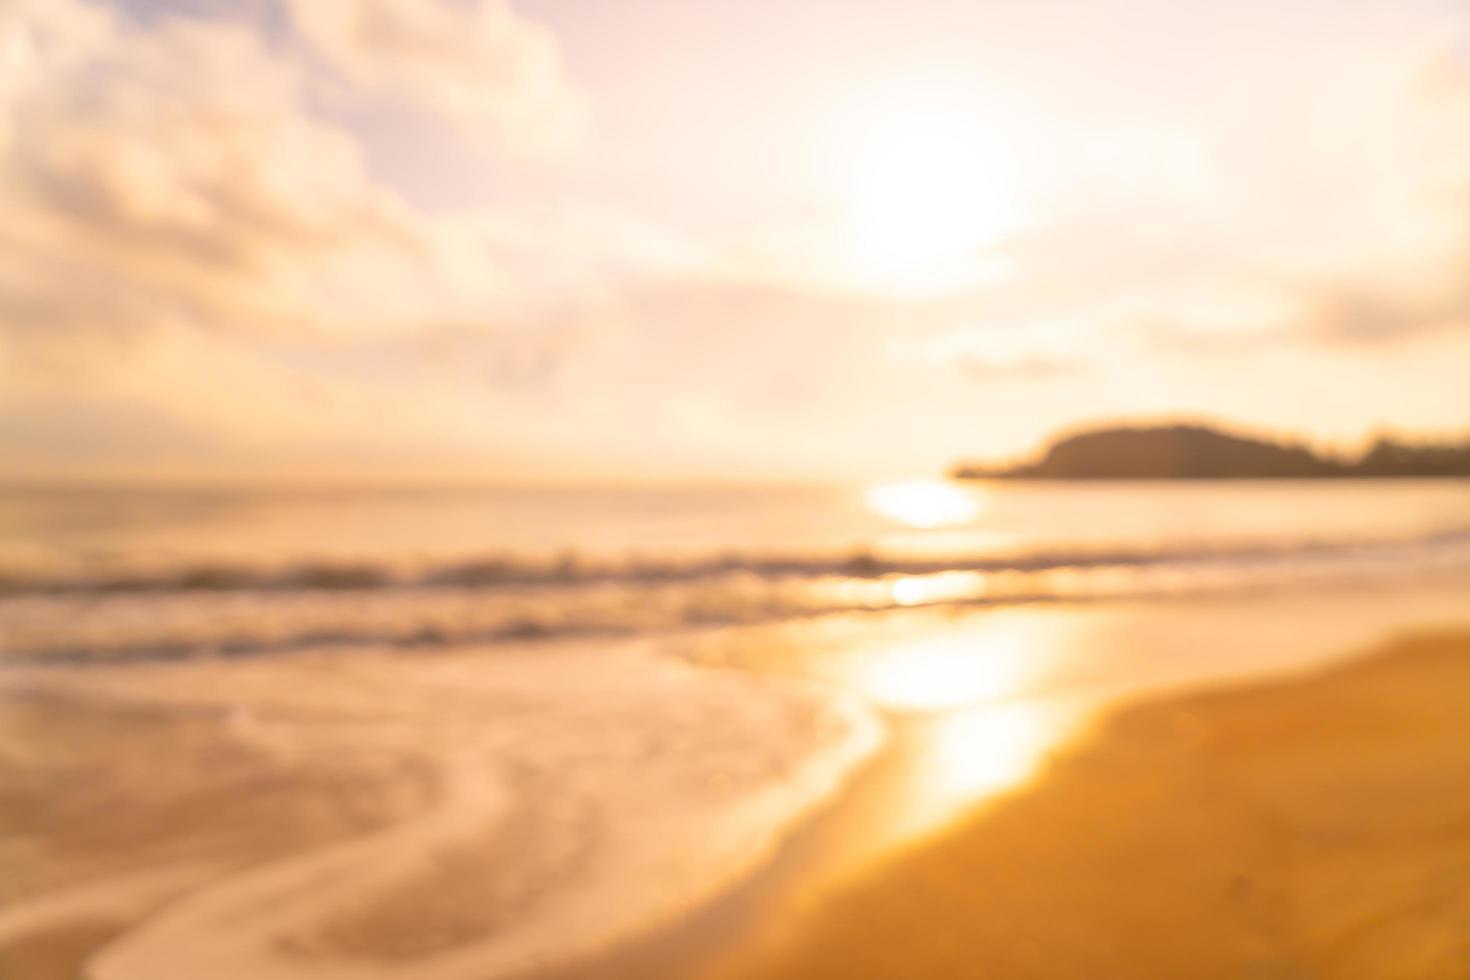 sfocatura astratta mare spiaggia all'alba o al tramonto per lo sfondo foto